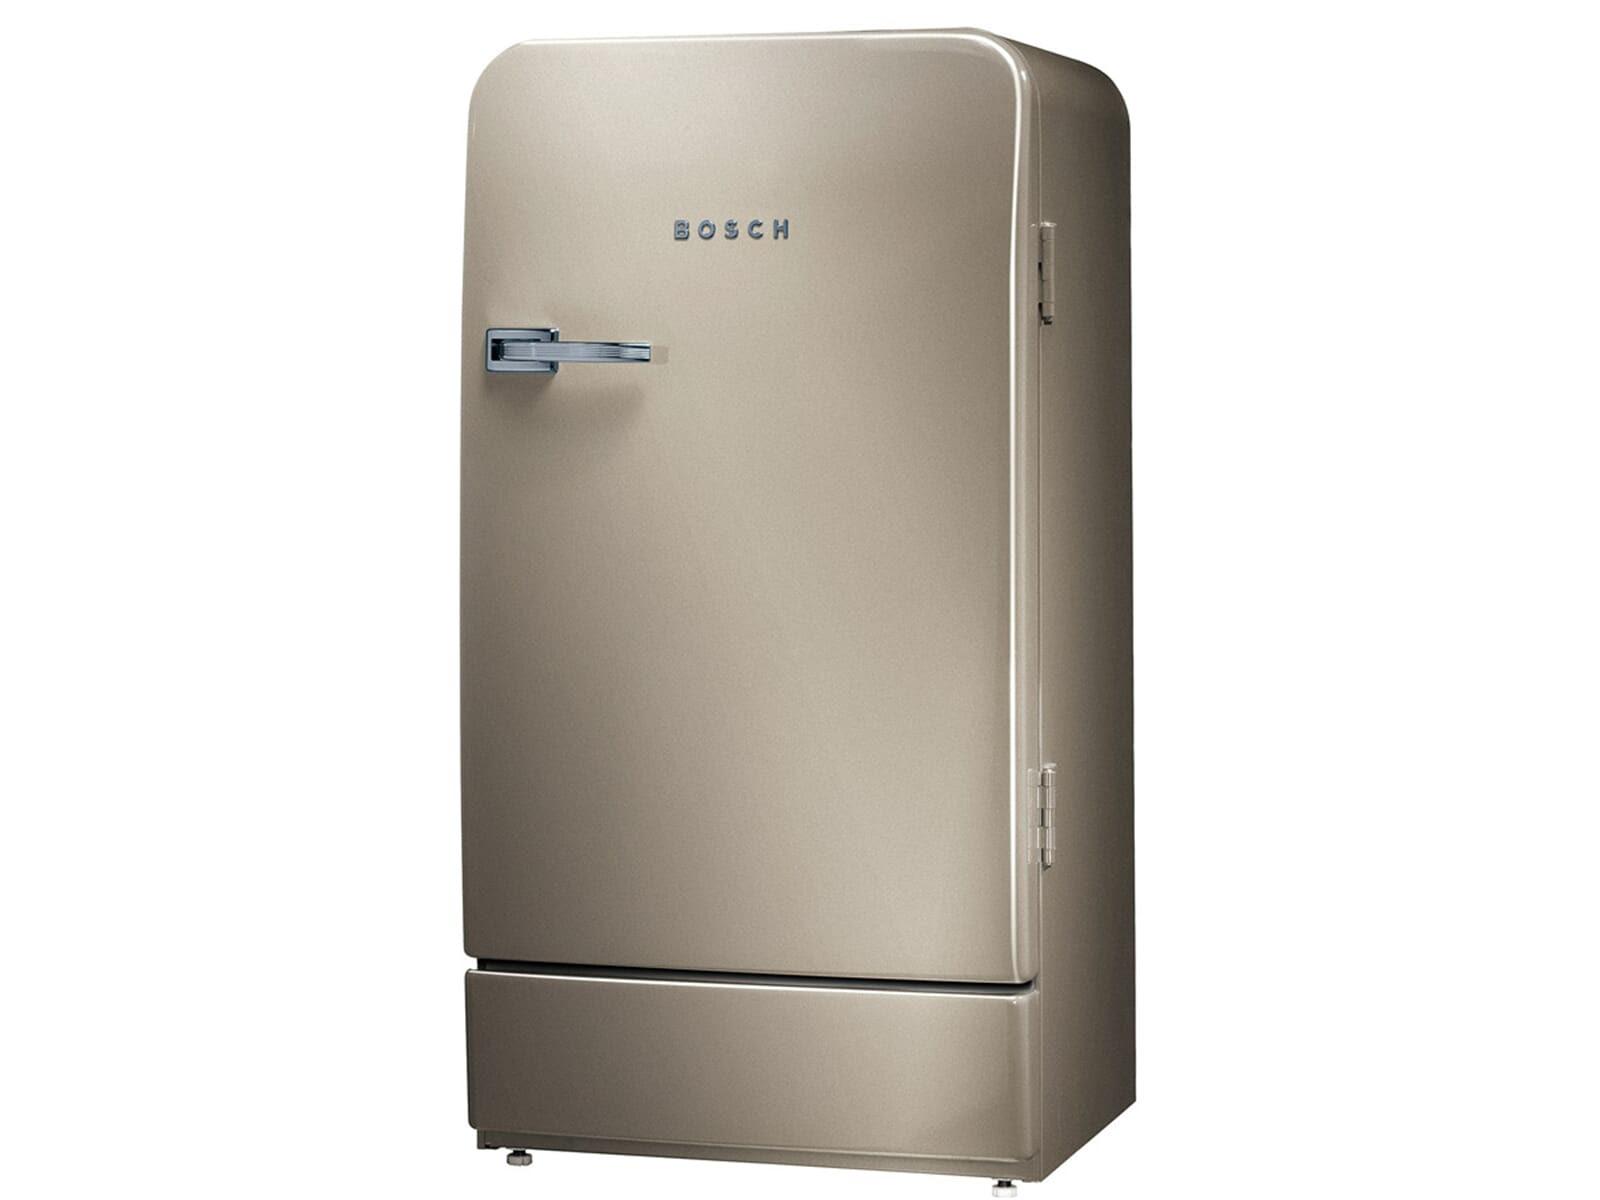 Bosch Kühlschrank Nostalgie : Kühlschrank bosch retro britton jennifer